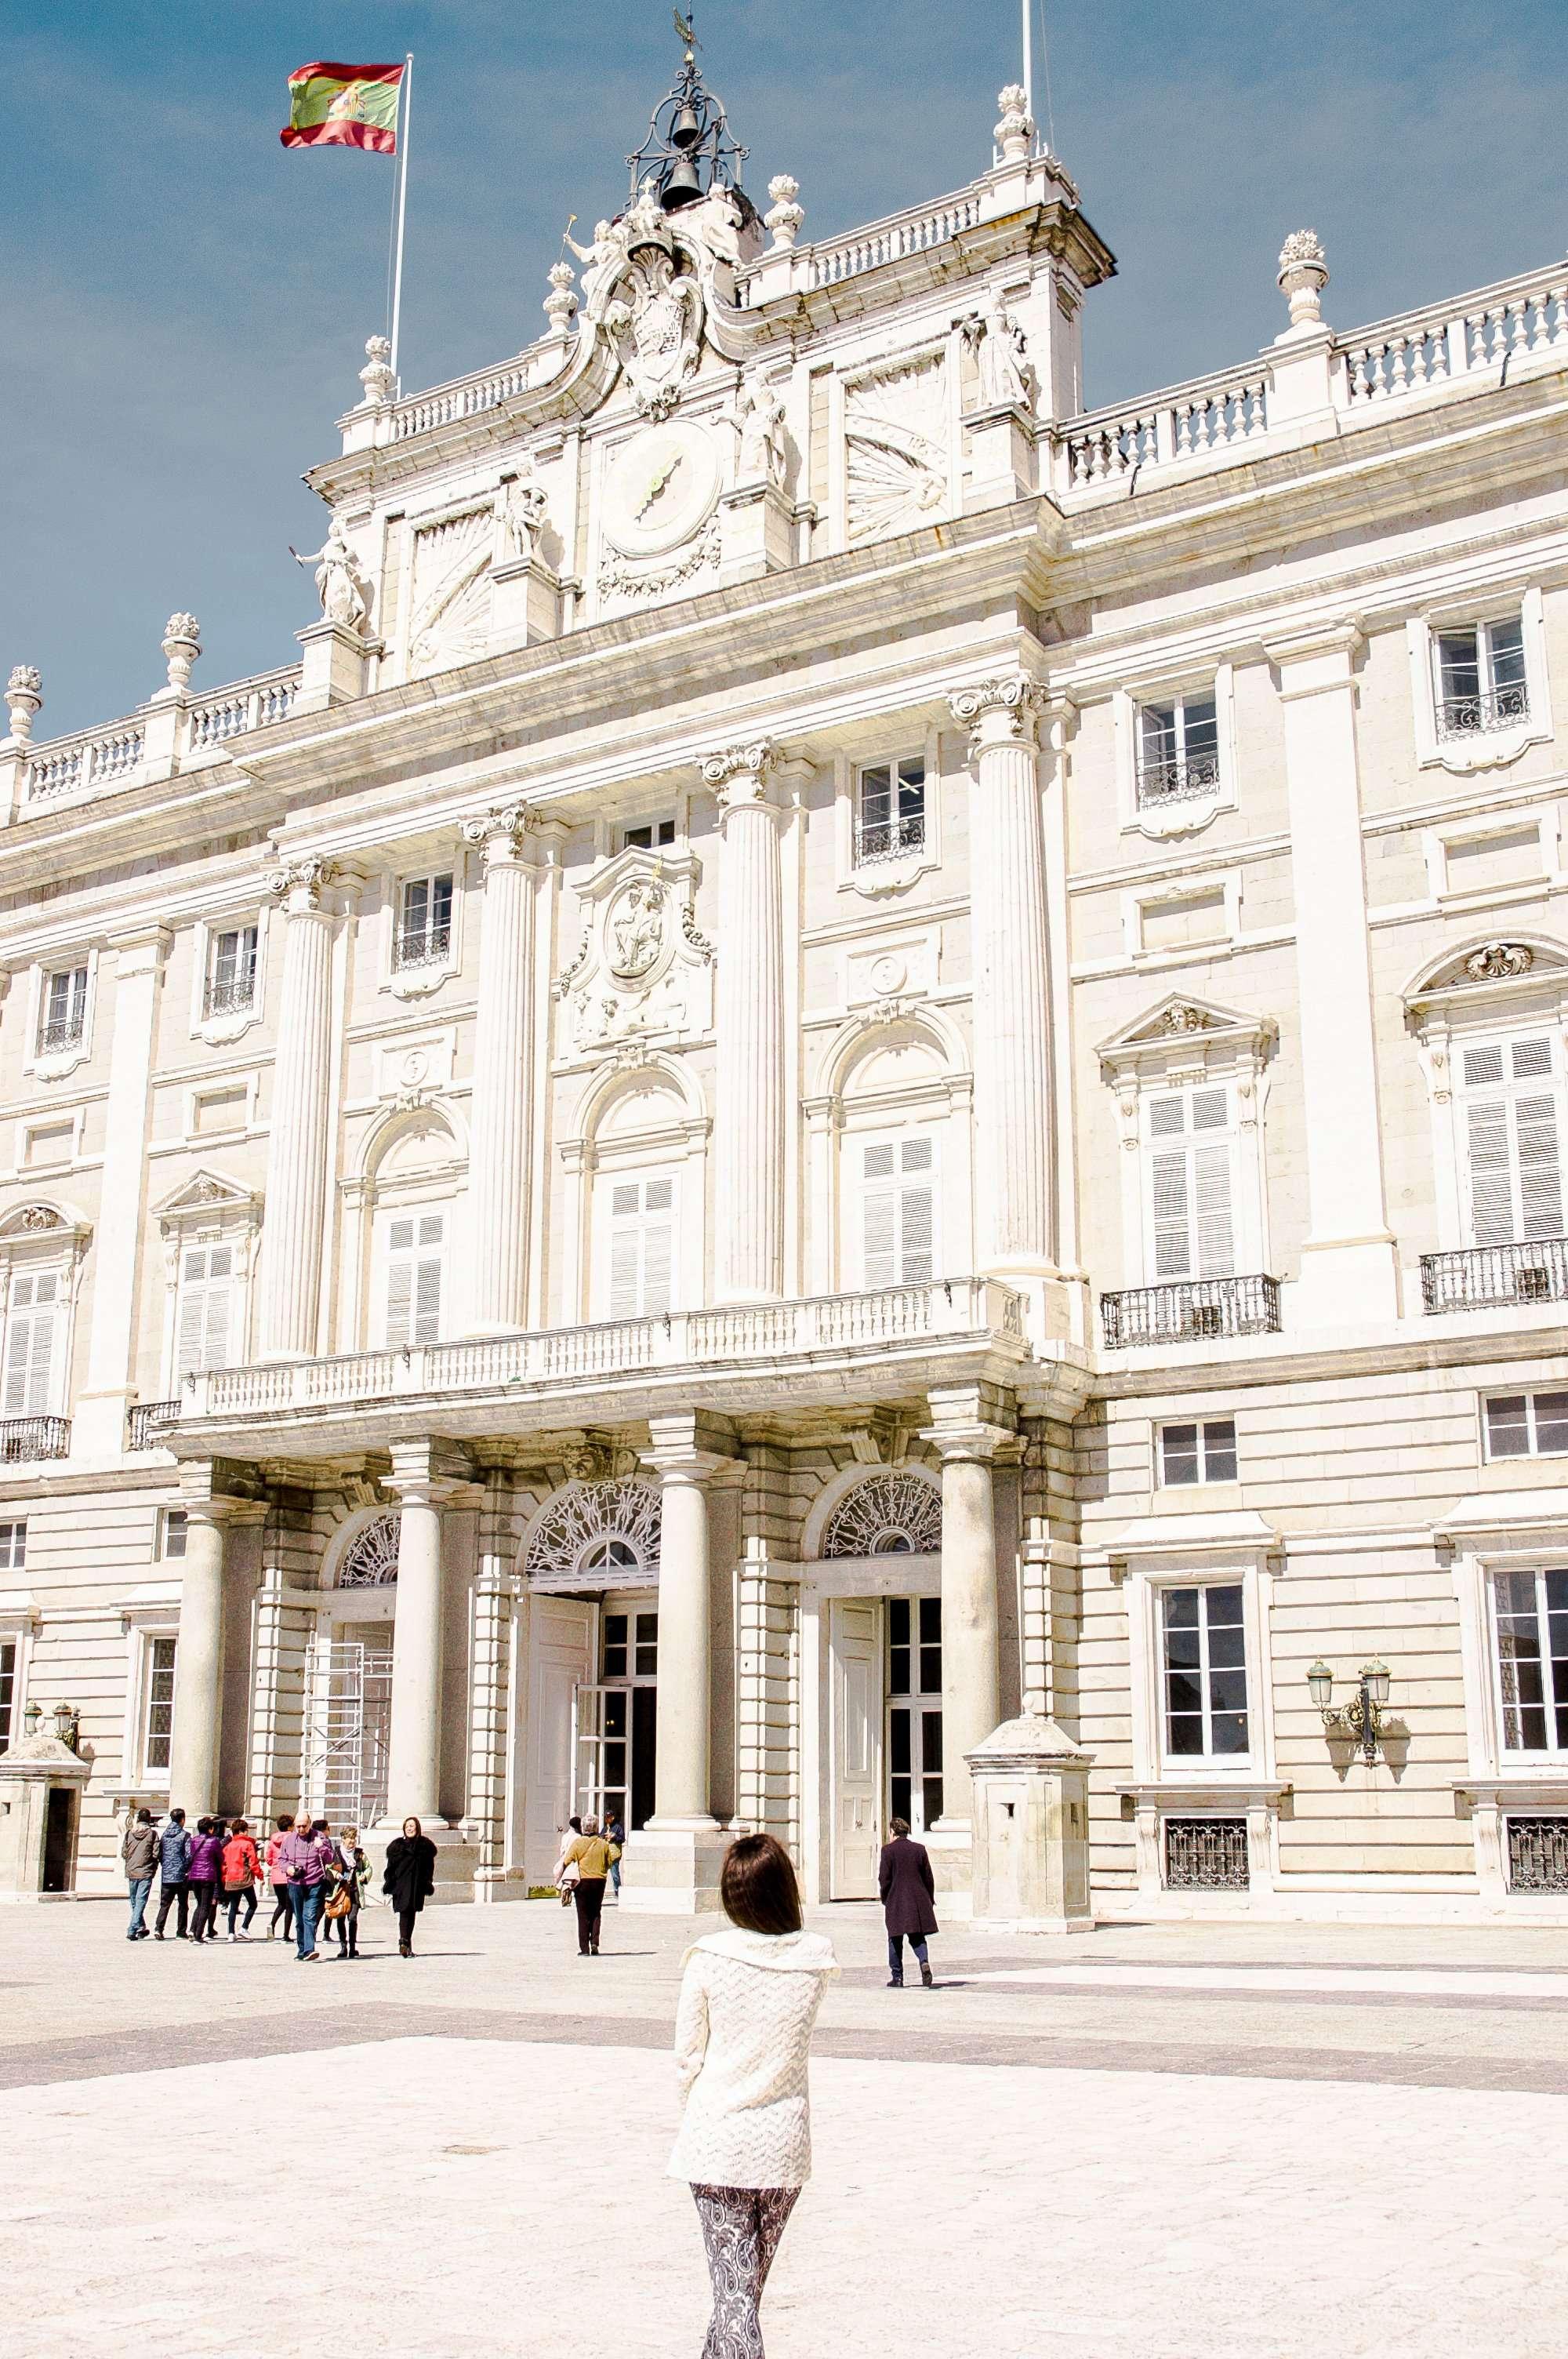 Admiring the Royal Palace